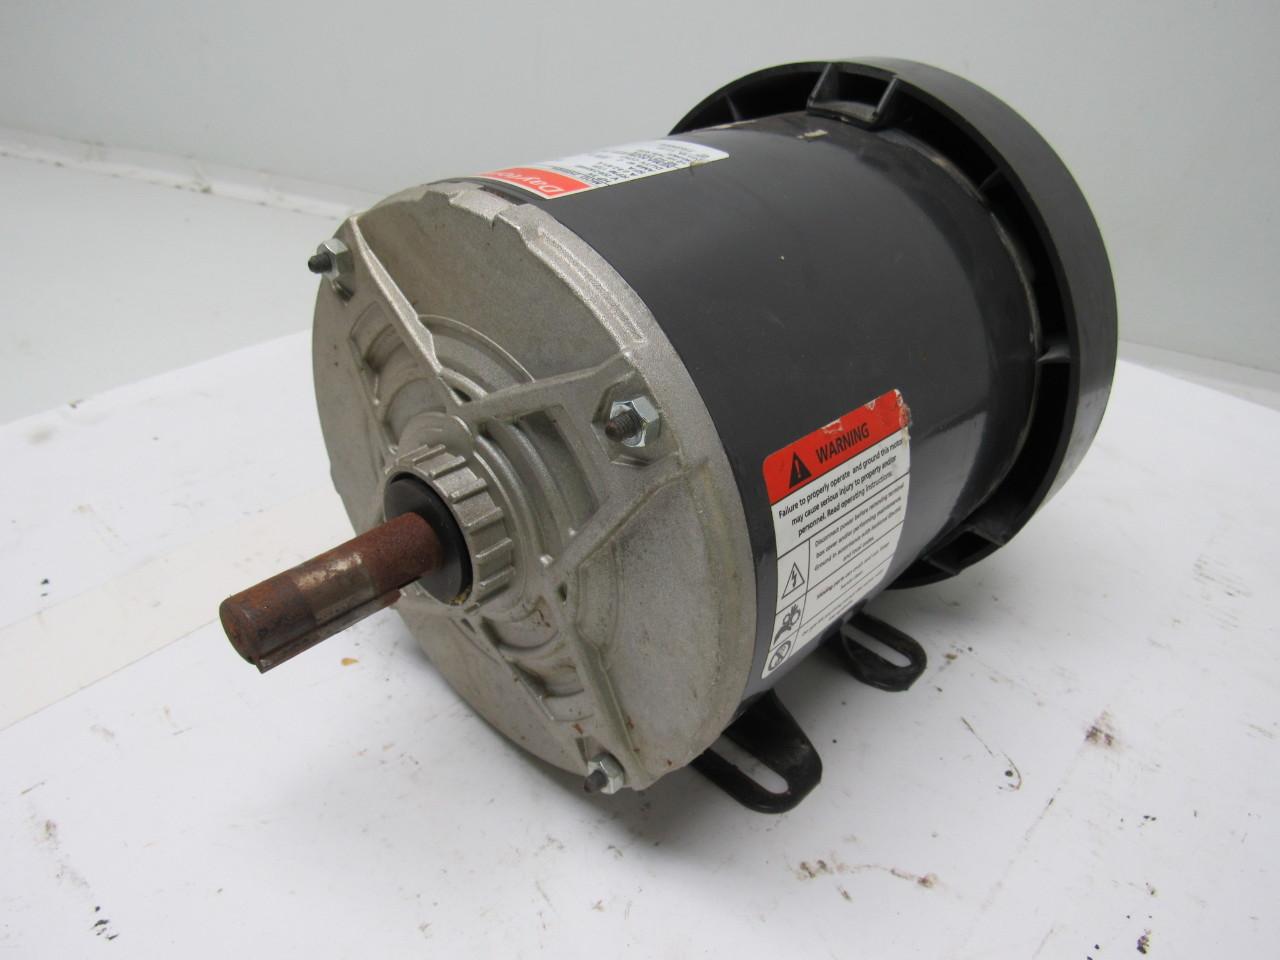 dayton 3 4 hp electric motor wiring 10 hp electric motor wiring diagram #5